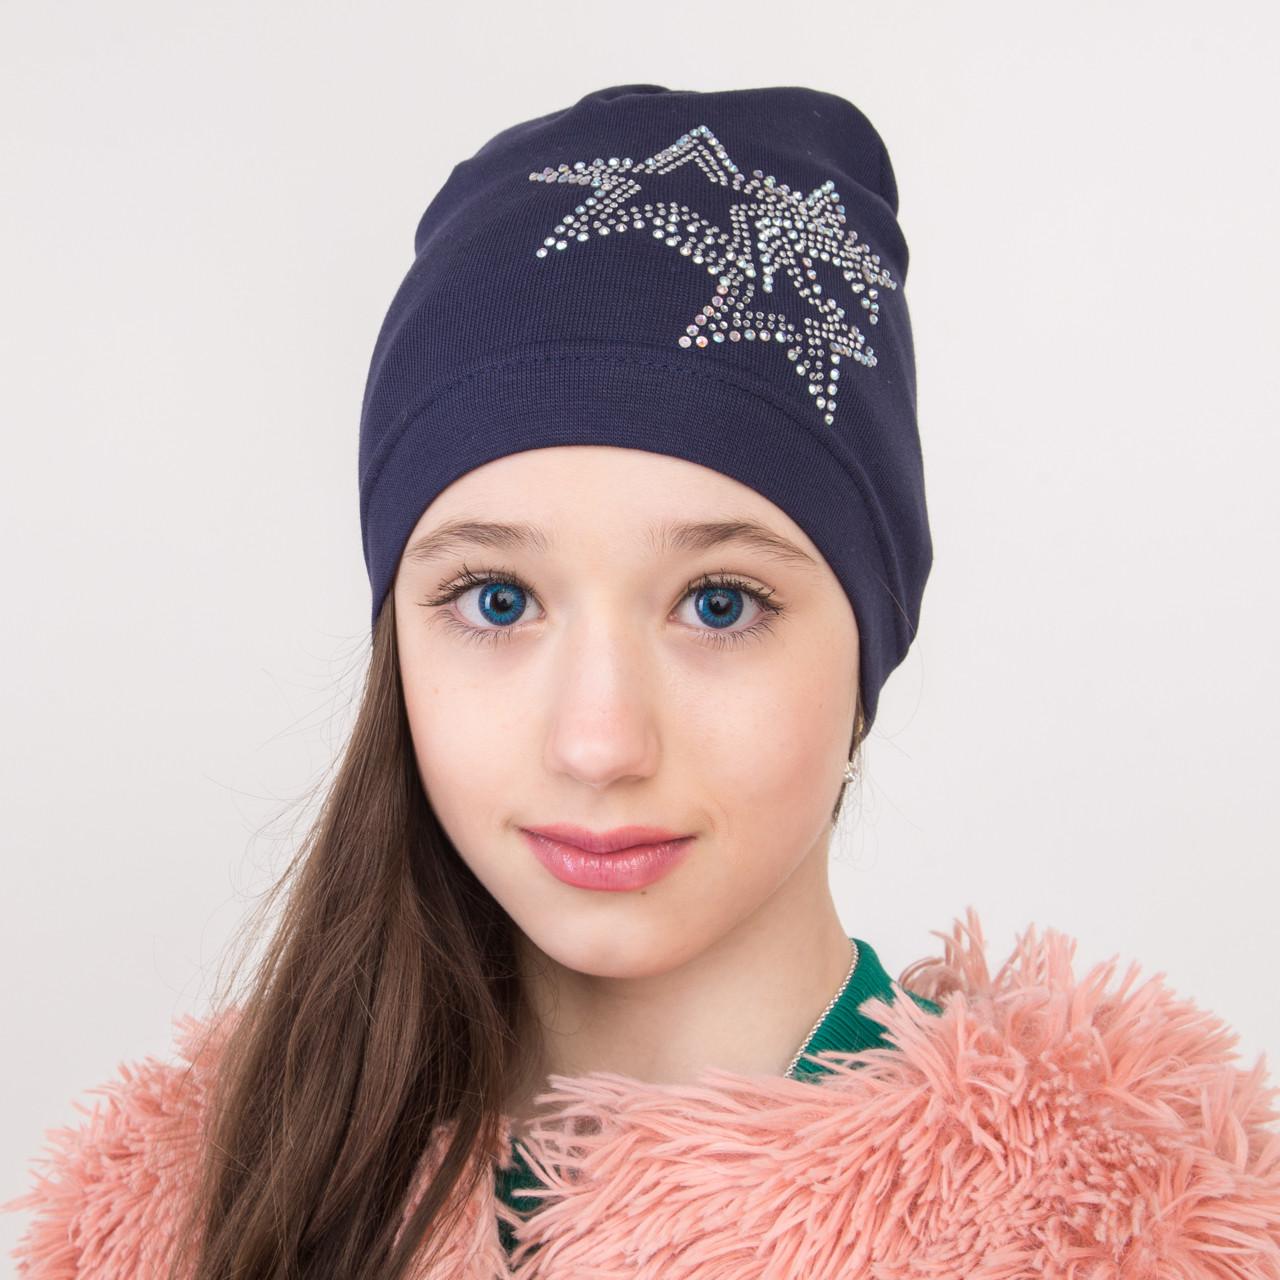 Хлопковая шапка на весну для девочки оптом - Артикул 2257